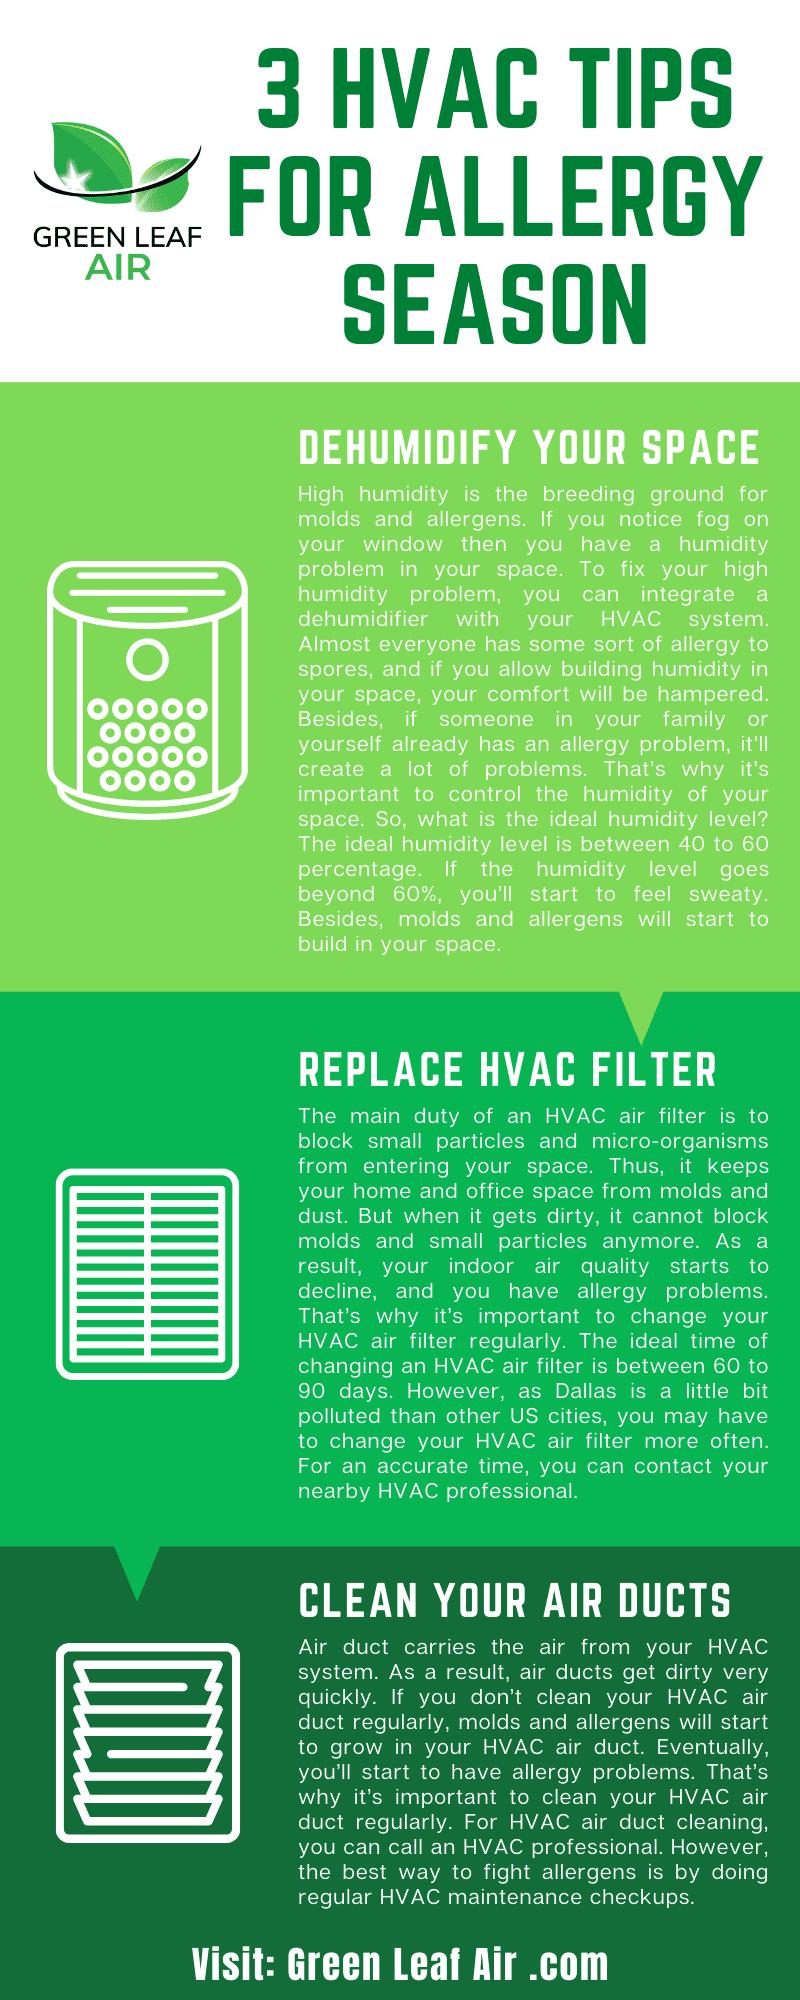 3 HVAC Tips for Allergy Season